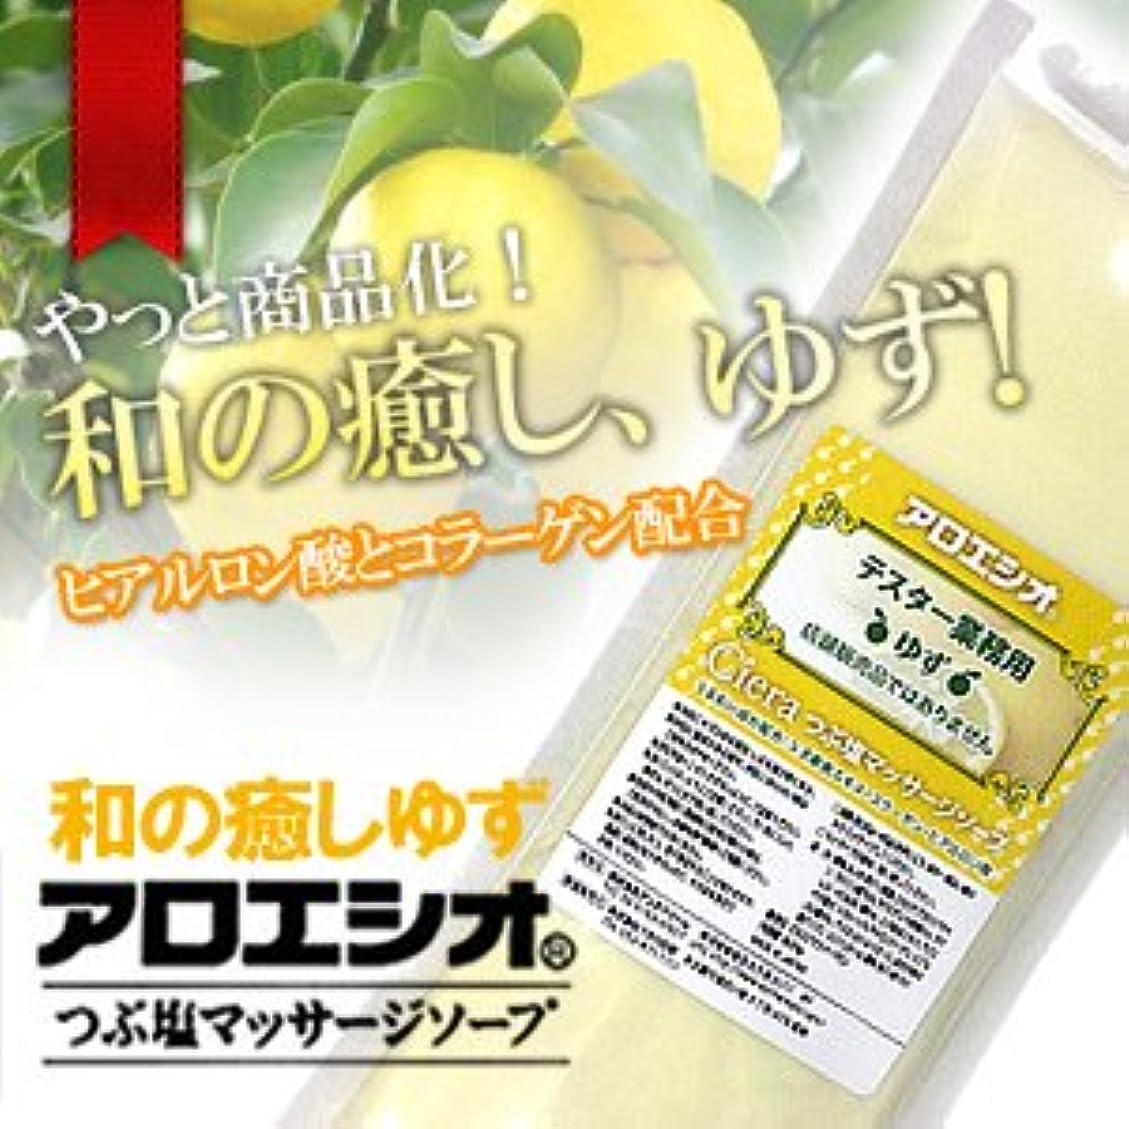 偽葉アクティブゆず アロエ塩 800g つぶ塩マッサージソープ/フタバ化学 アロエシオ